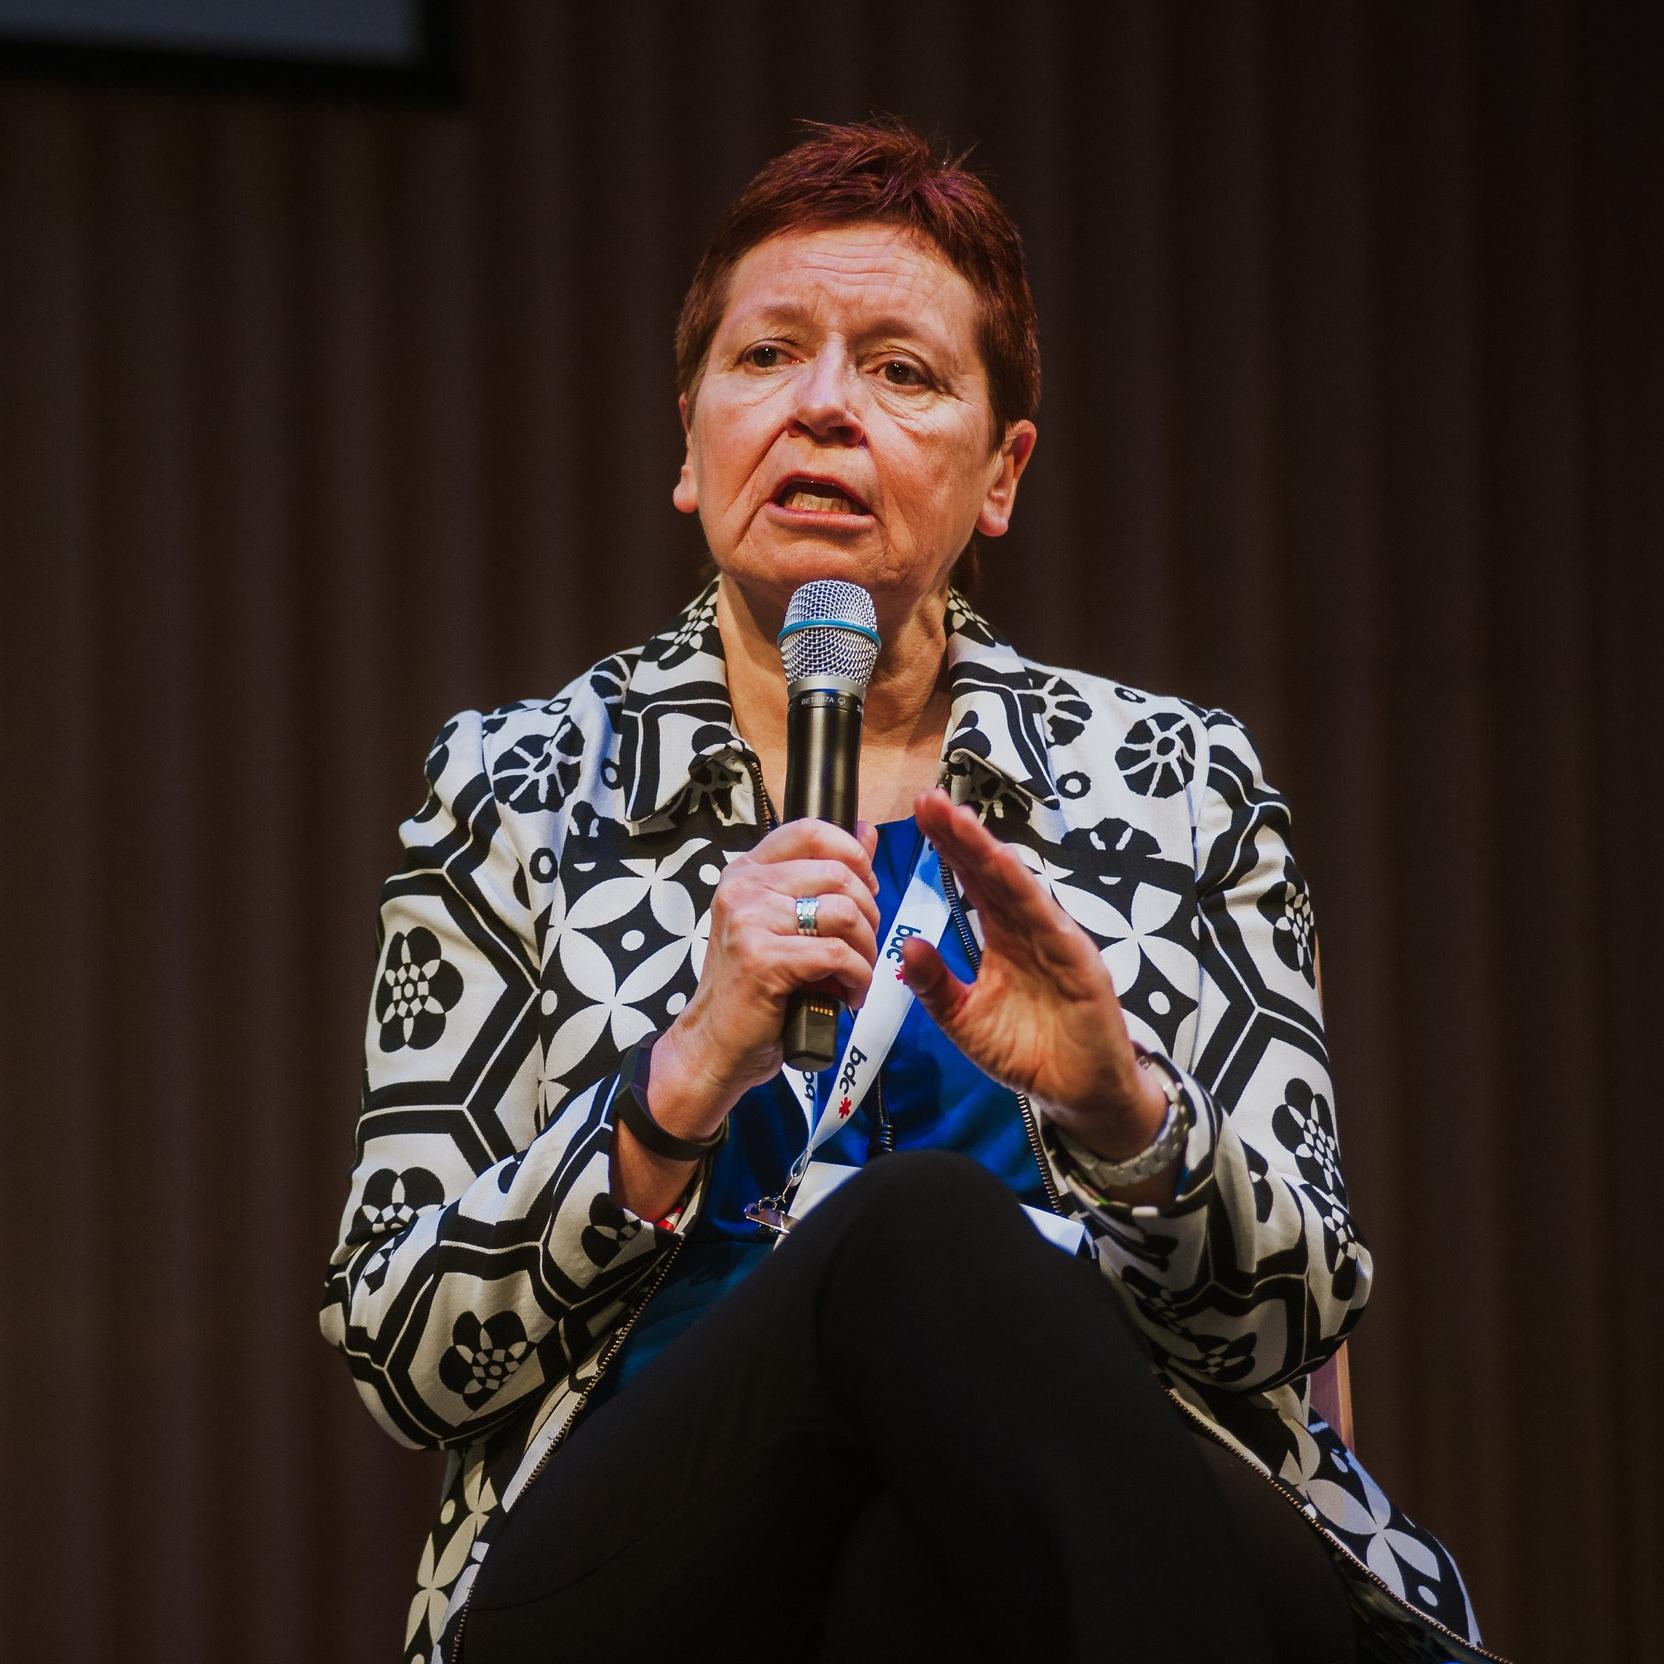 Opening Panel - Jackie Foord